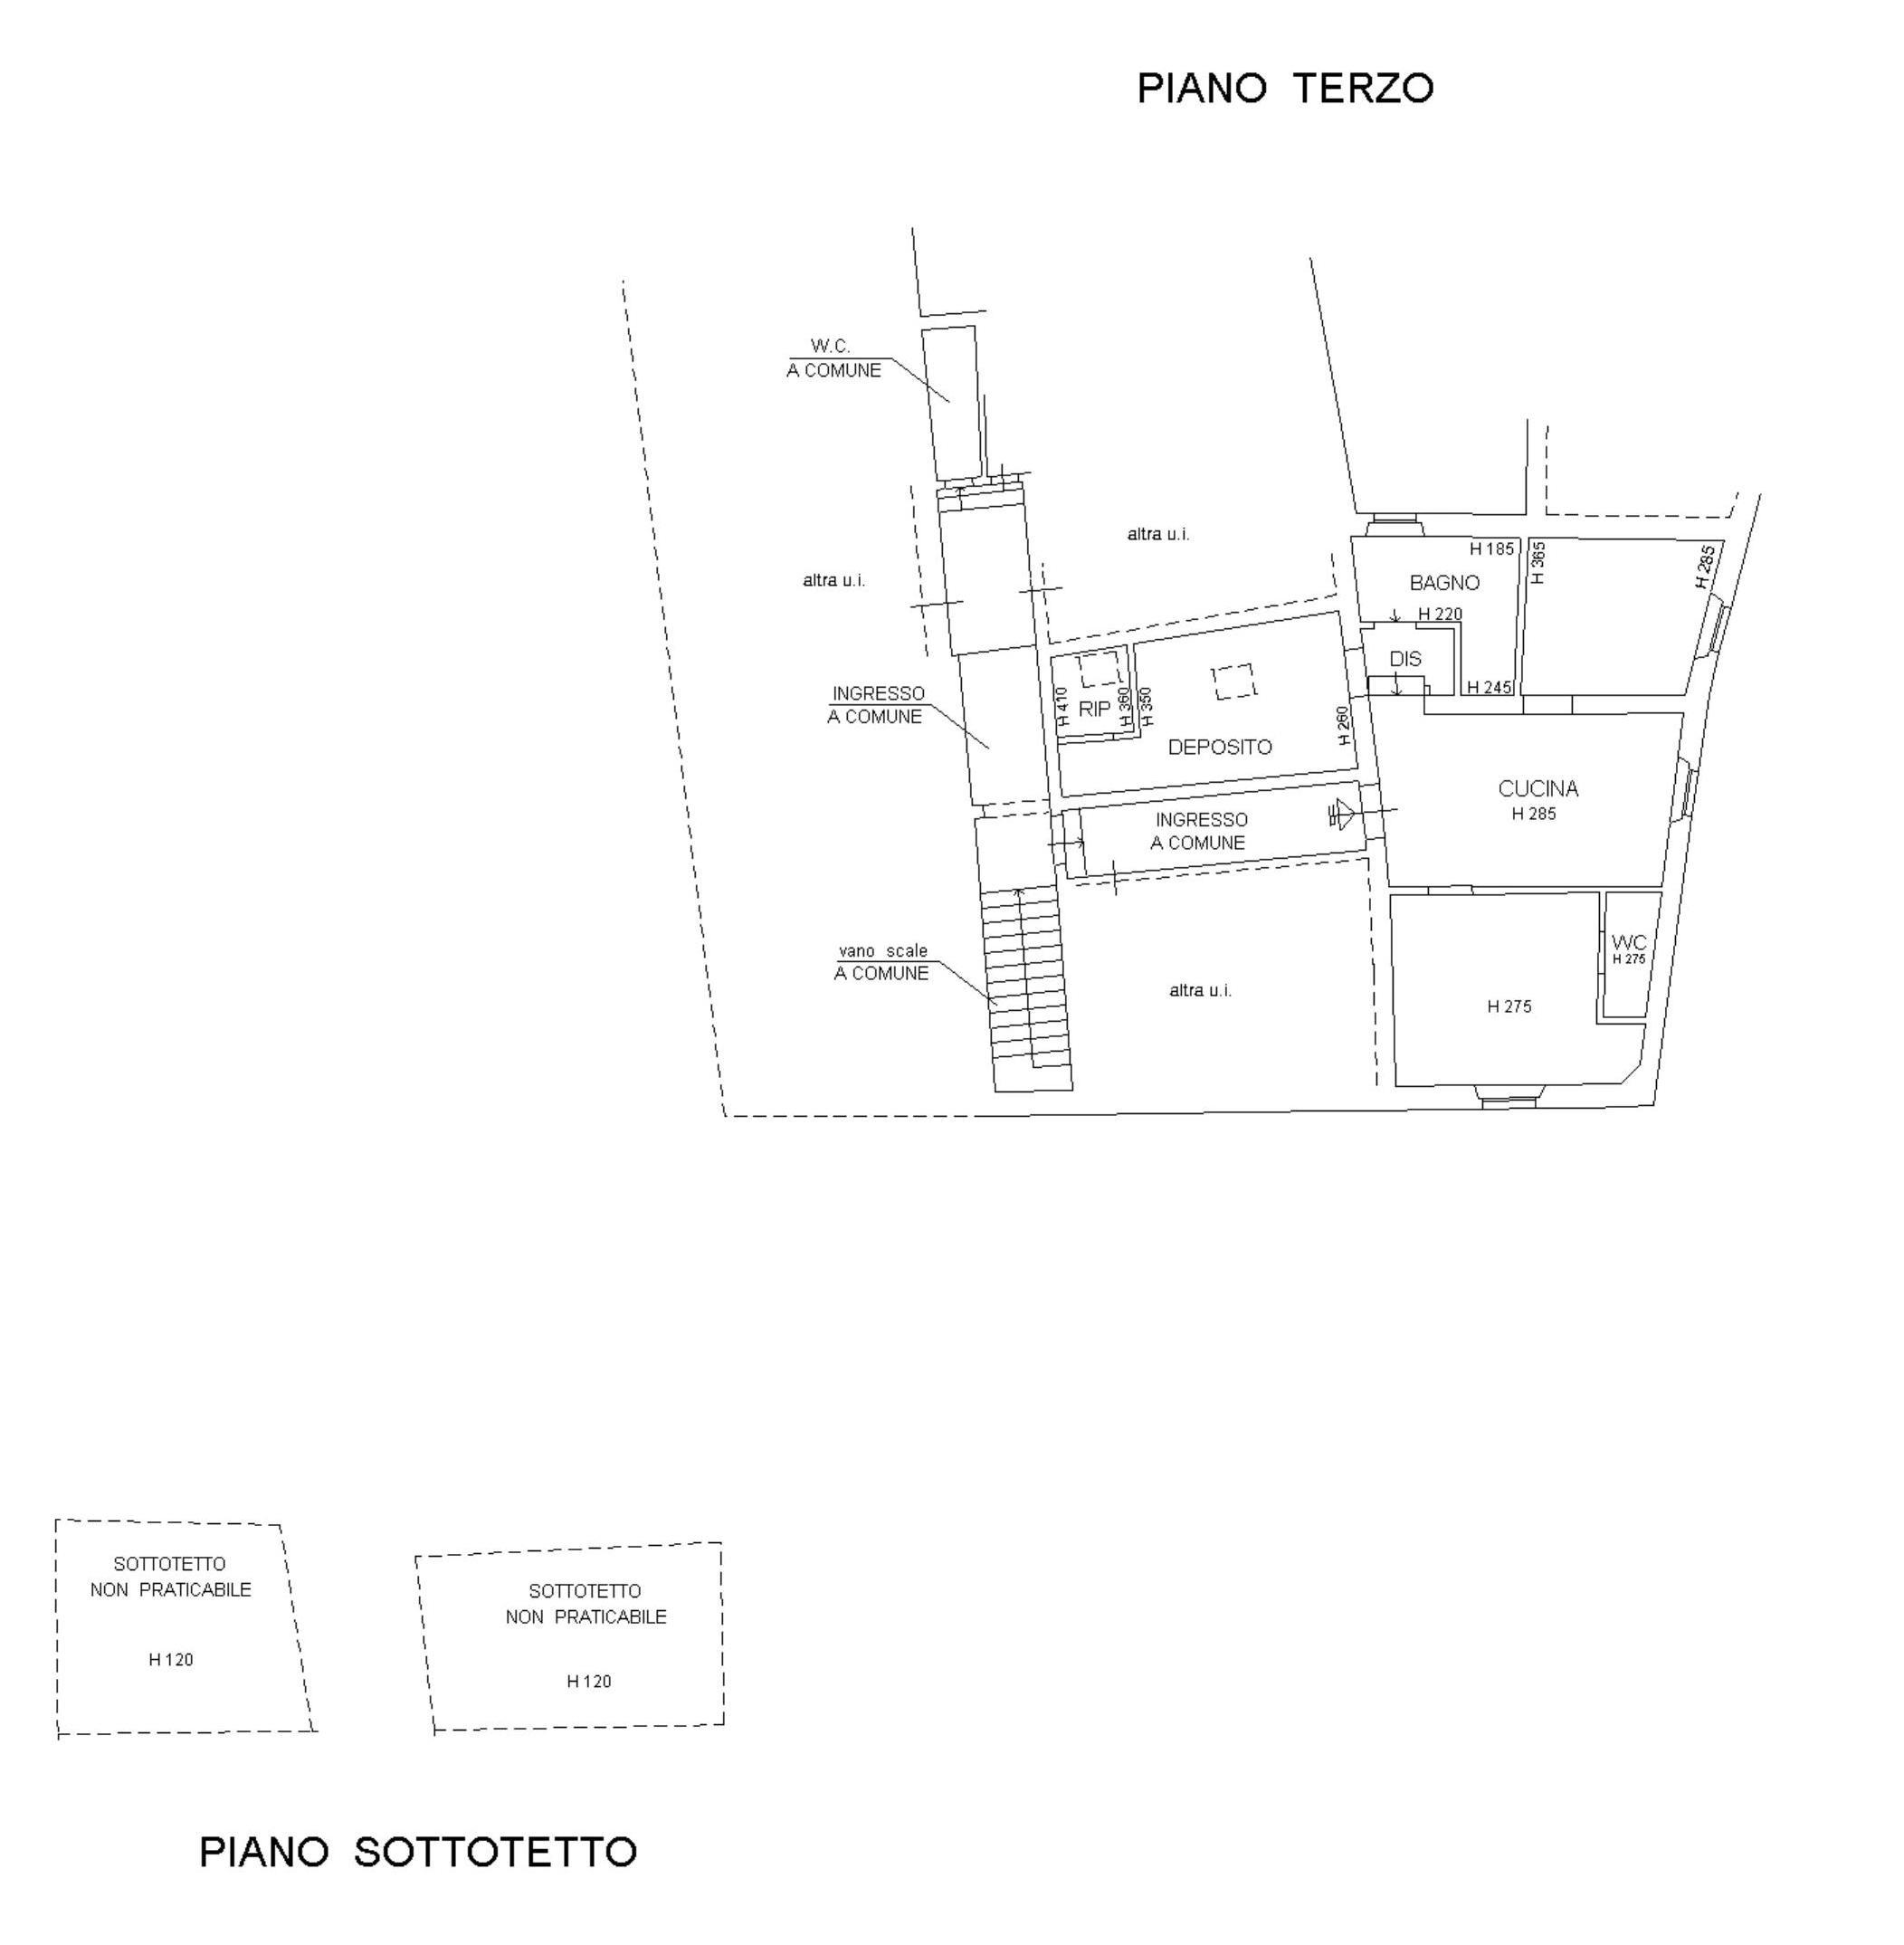 Appartamento in affitto, rif. 679bis (Planimetria 1/1)